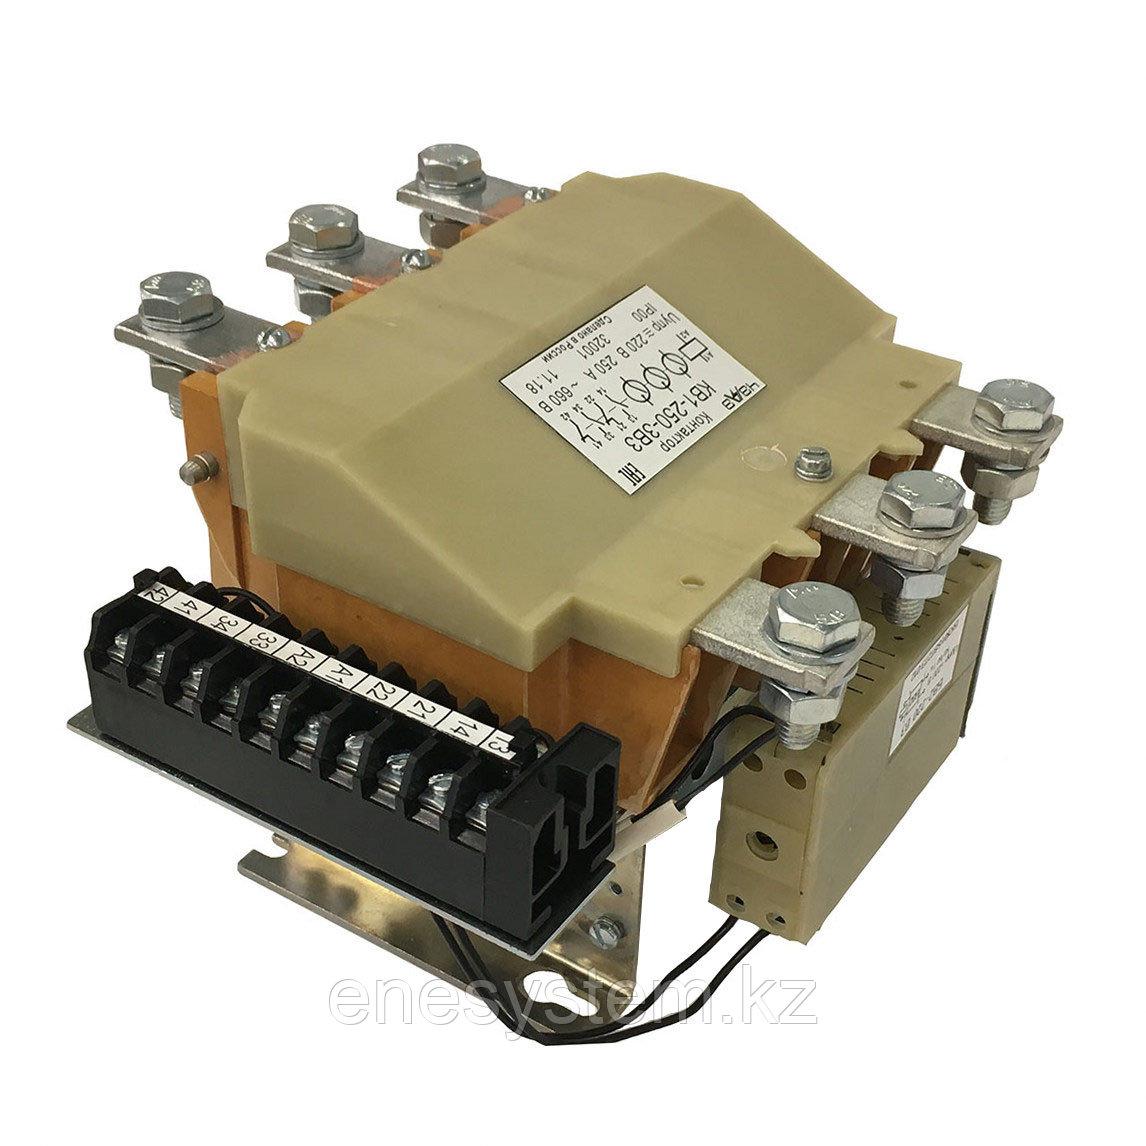 Контакторы вакуумные трехкамерные КВ-1-160-3